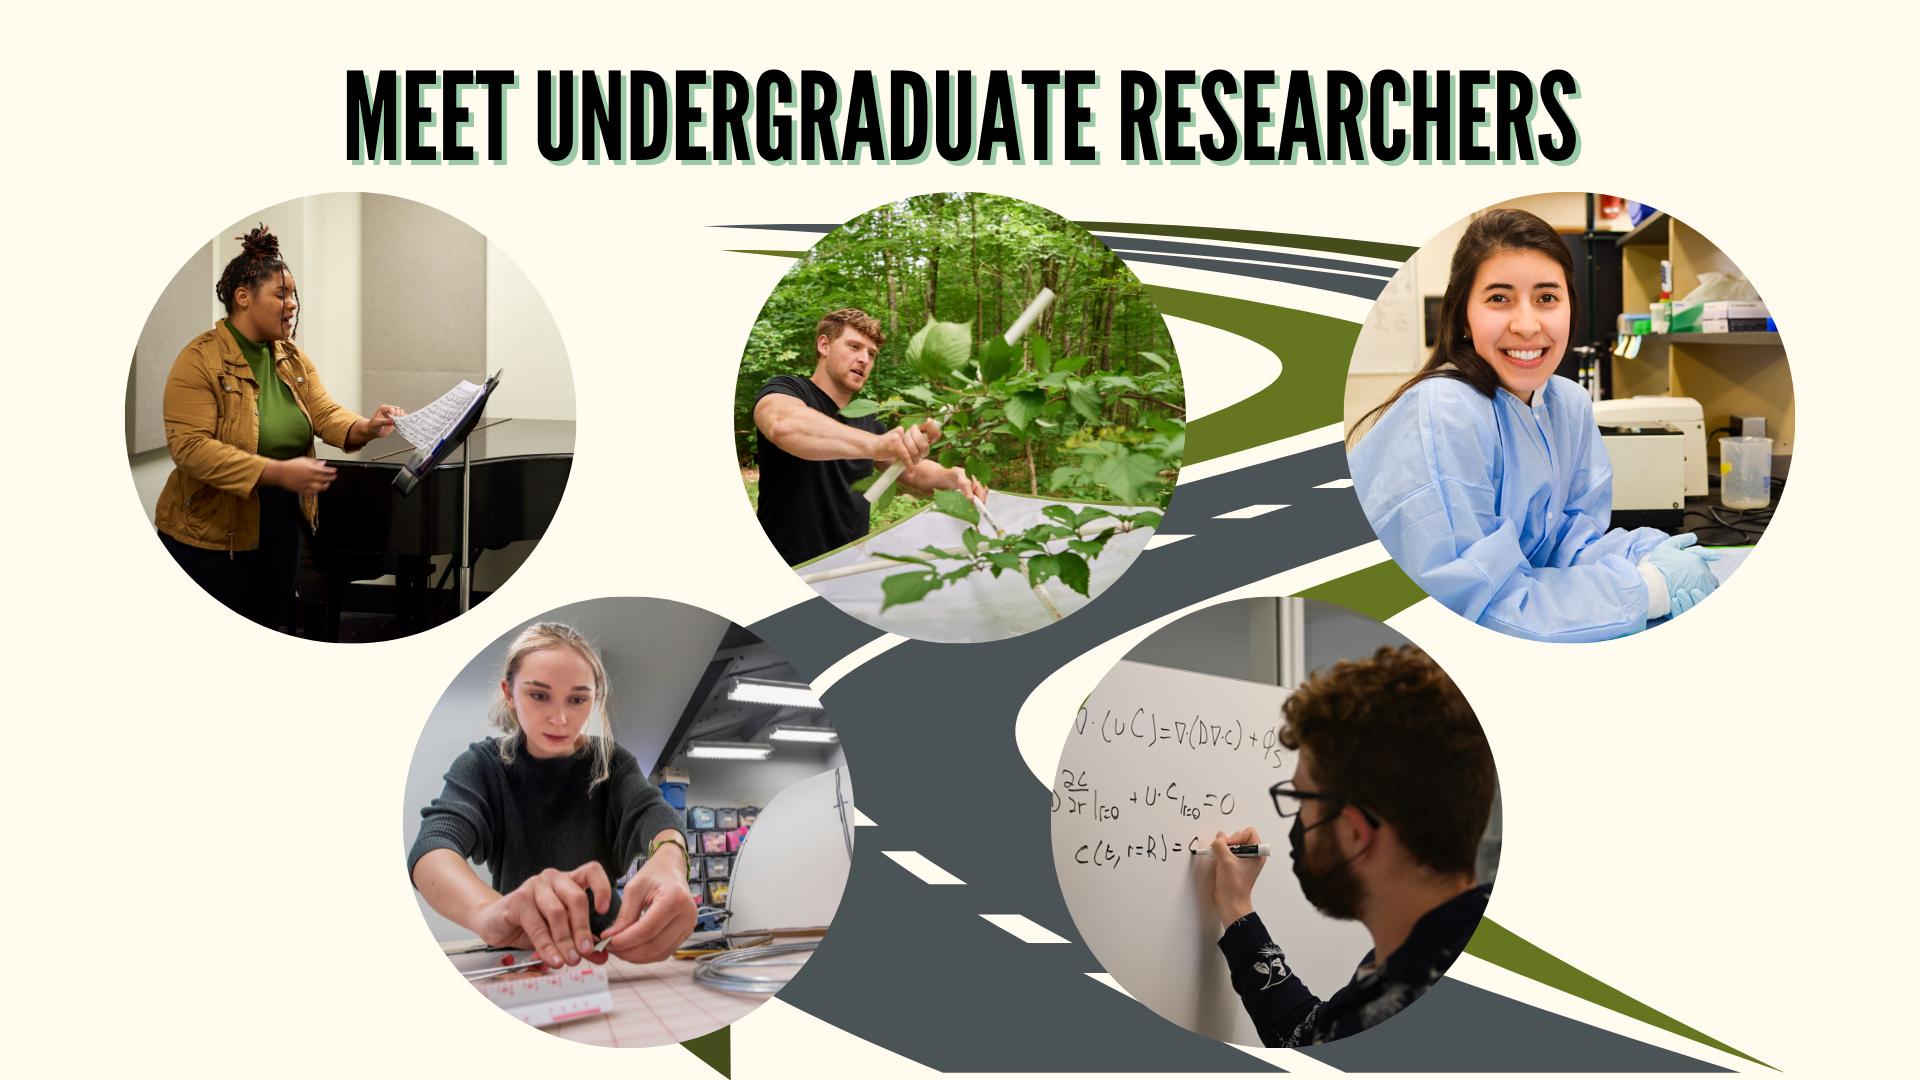 Meet undergraduate researchers